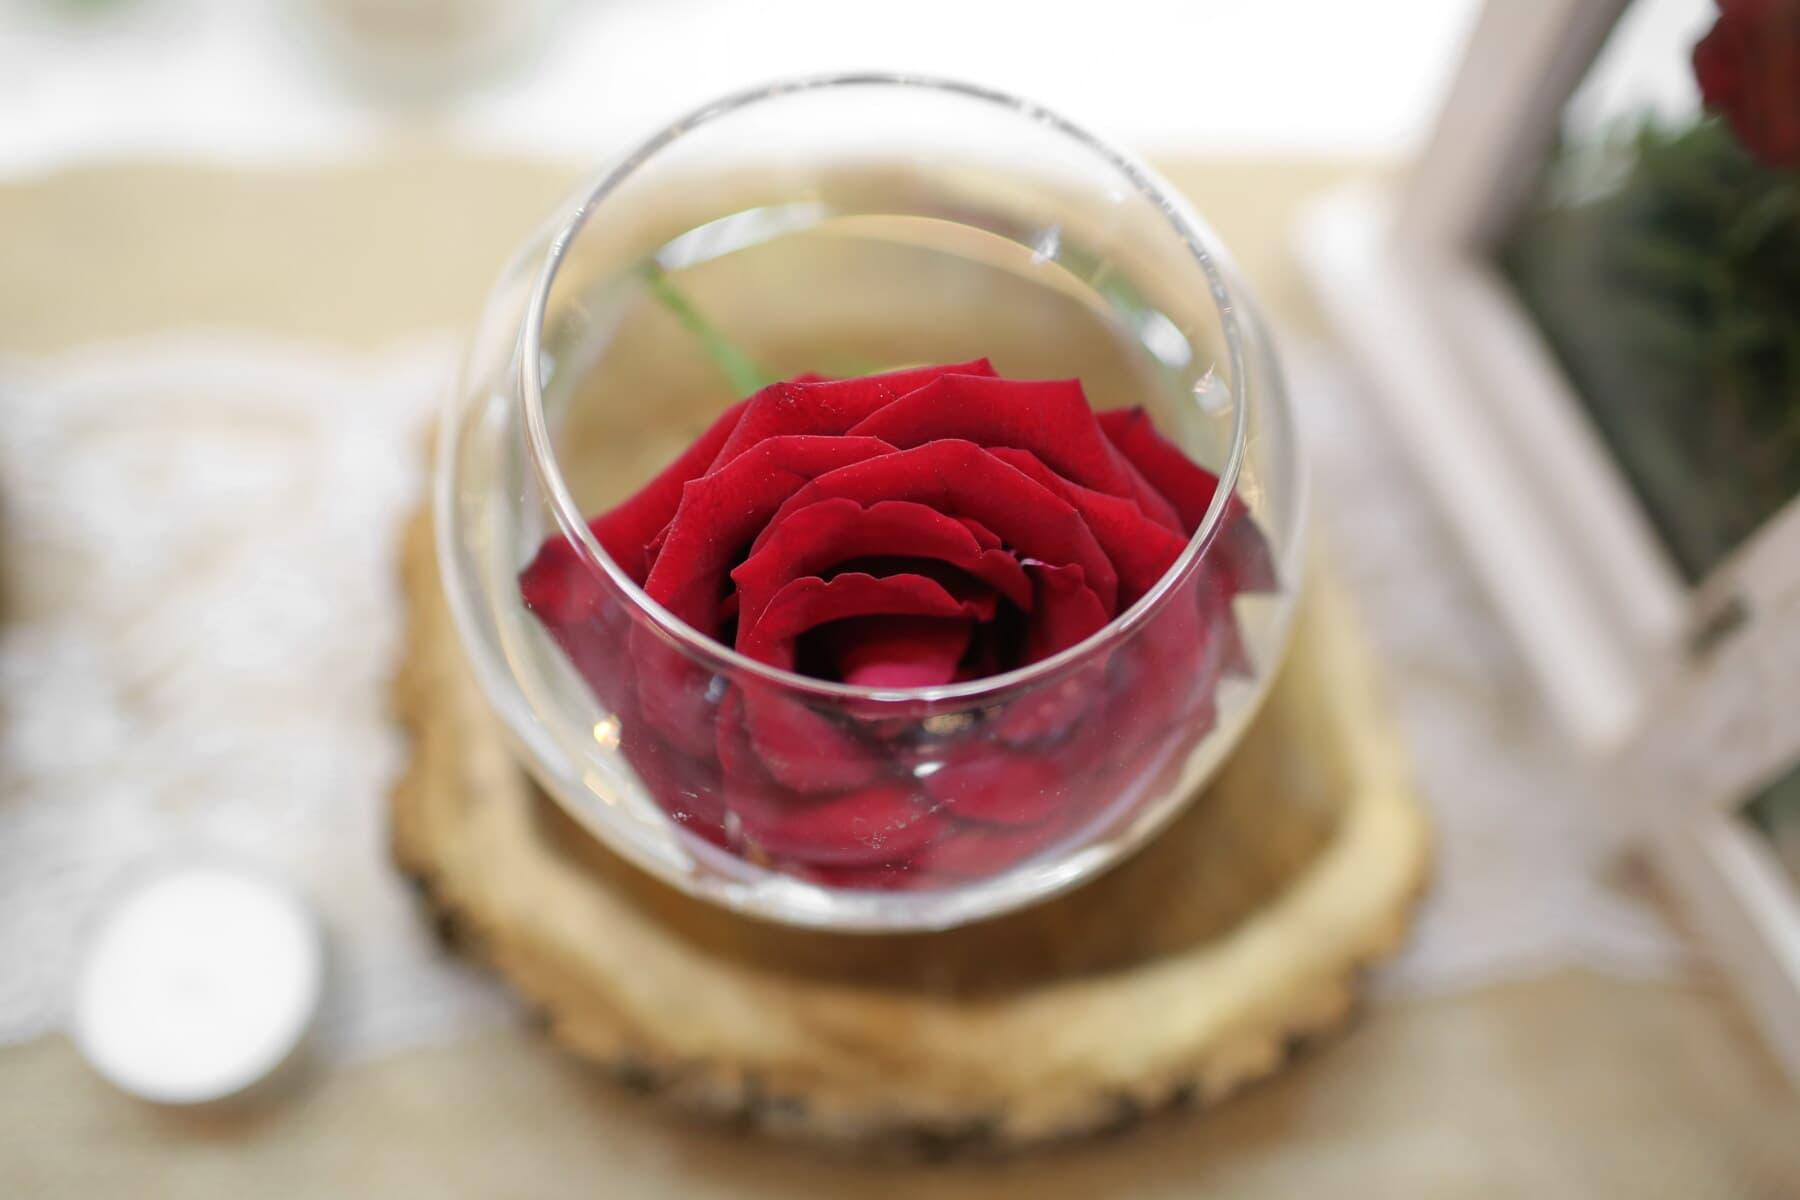 red, rose, glass, sphere, vase, romance, flower, wood, still life, indoors